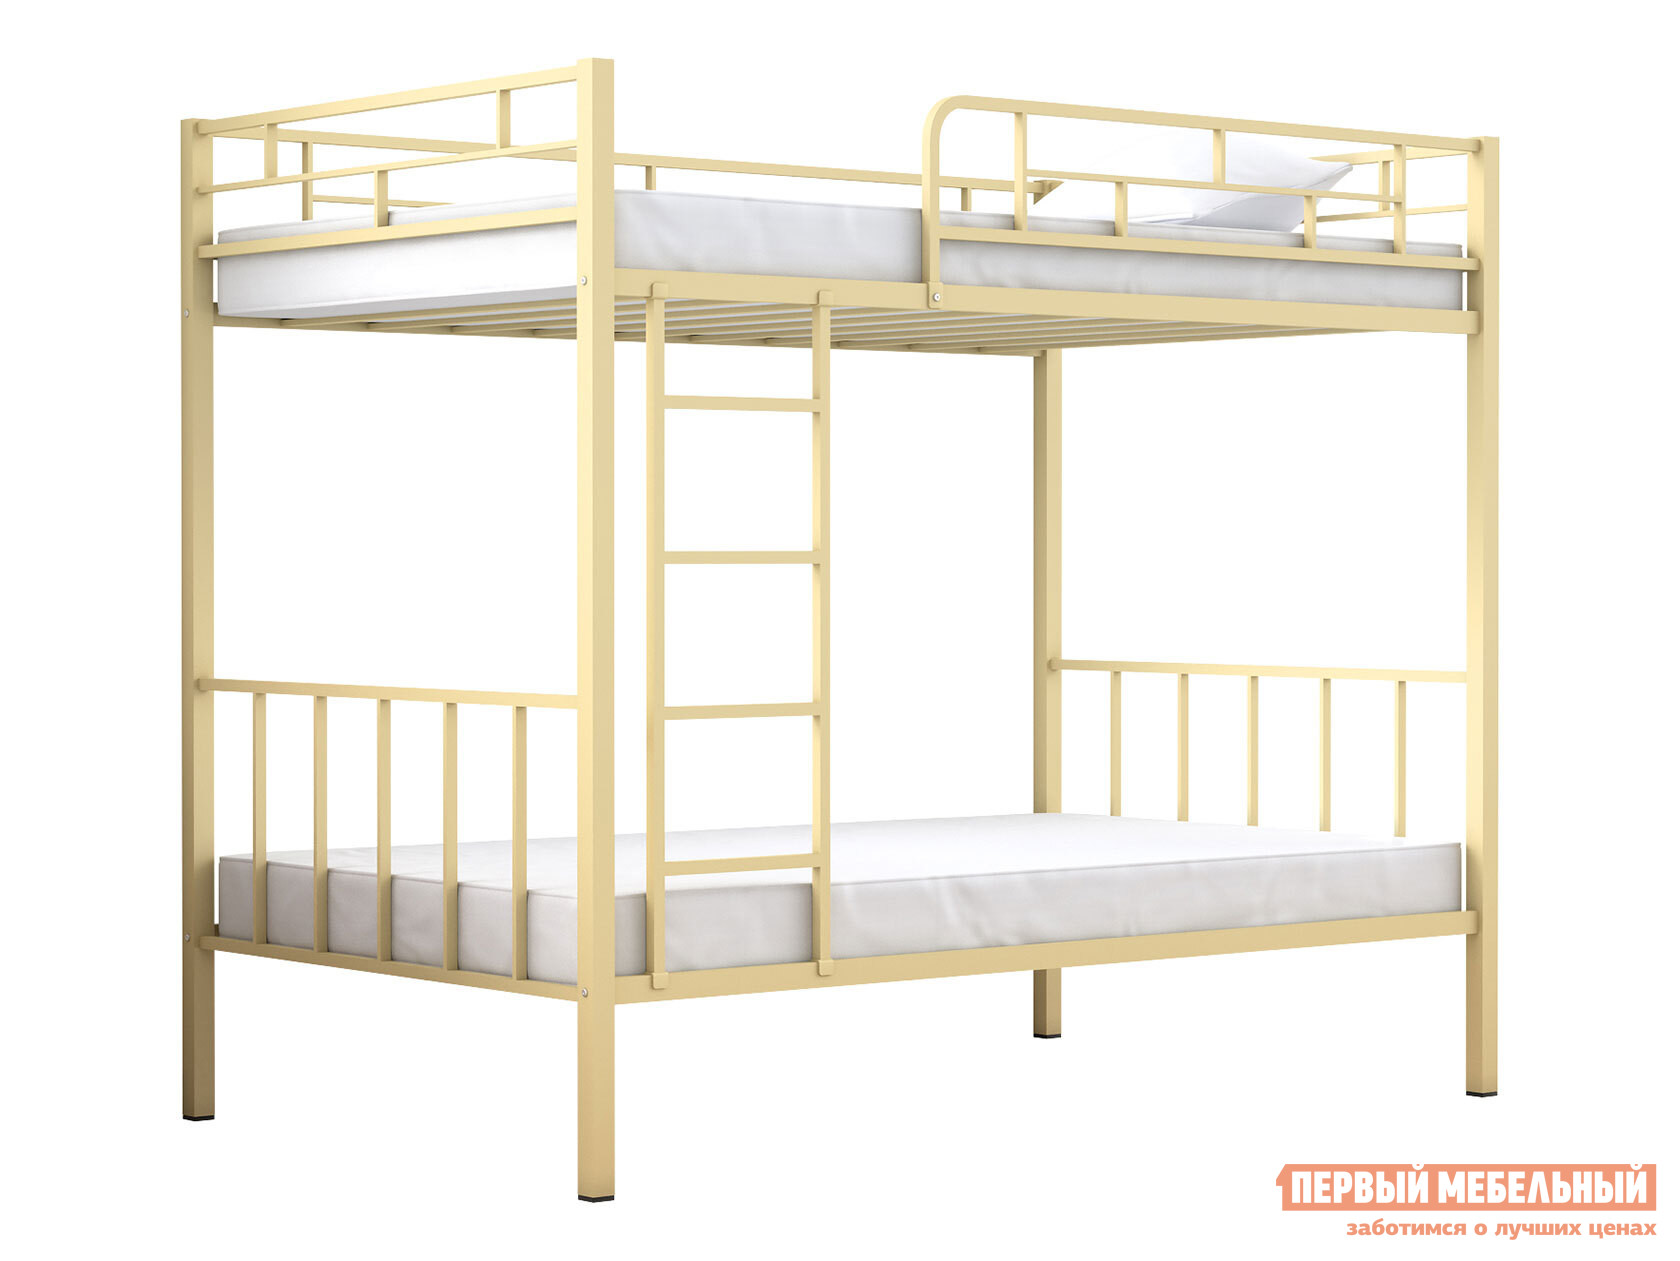 Двухъярусная кровать для детей с бортиками МФ 4 Сезона Валенсия 120